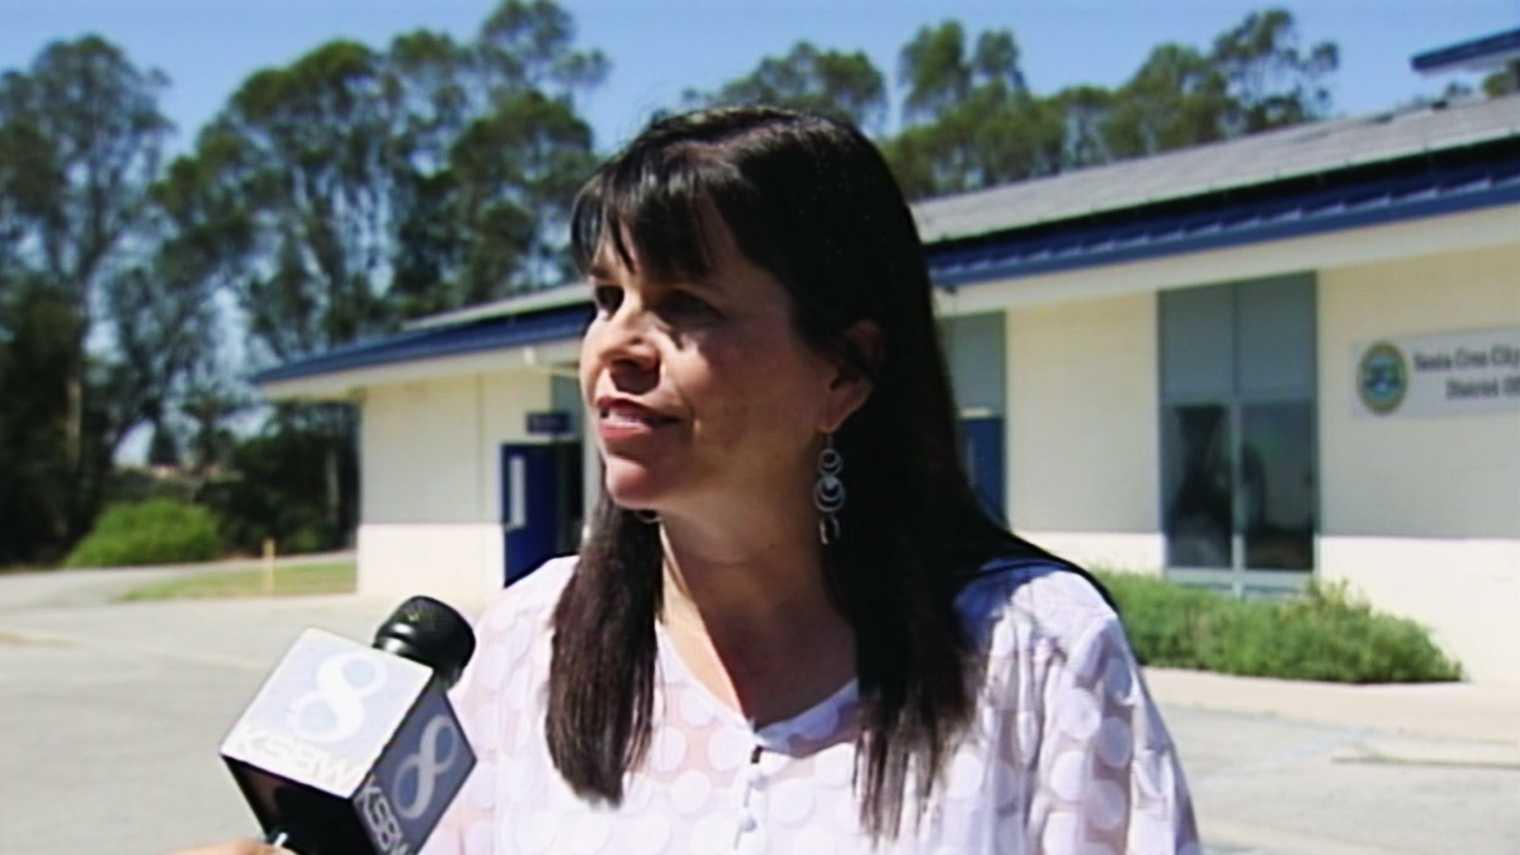 Superintendent Kris Munro